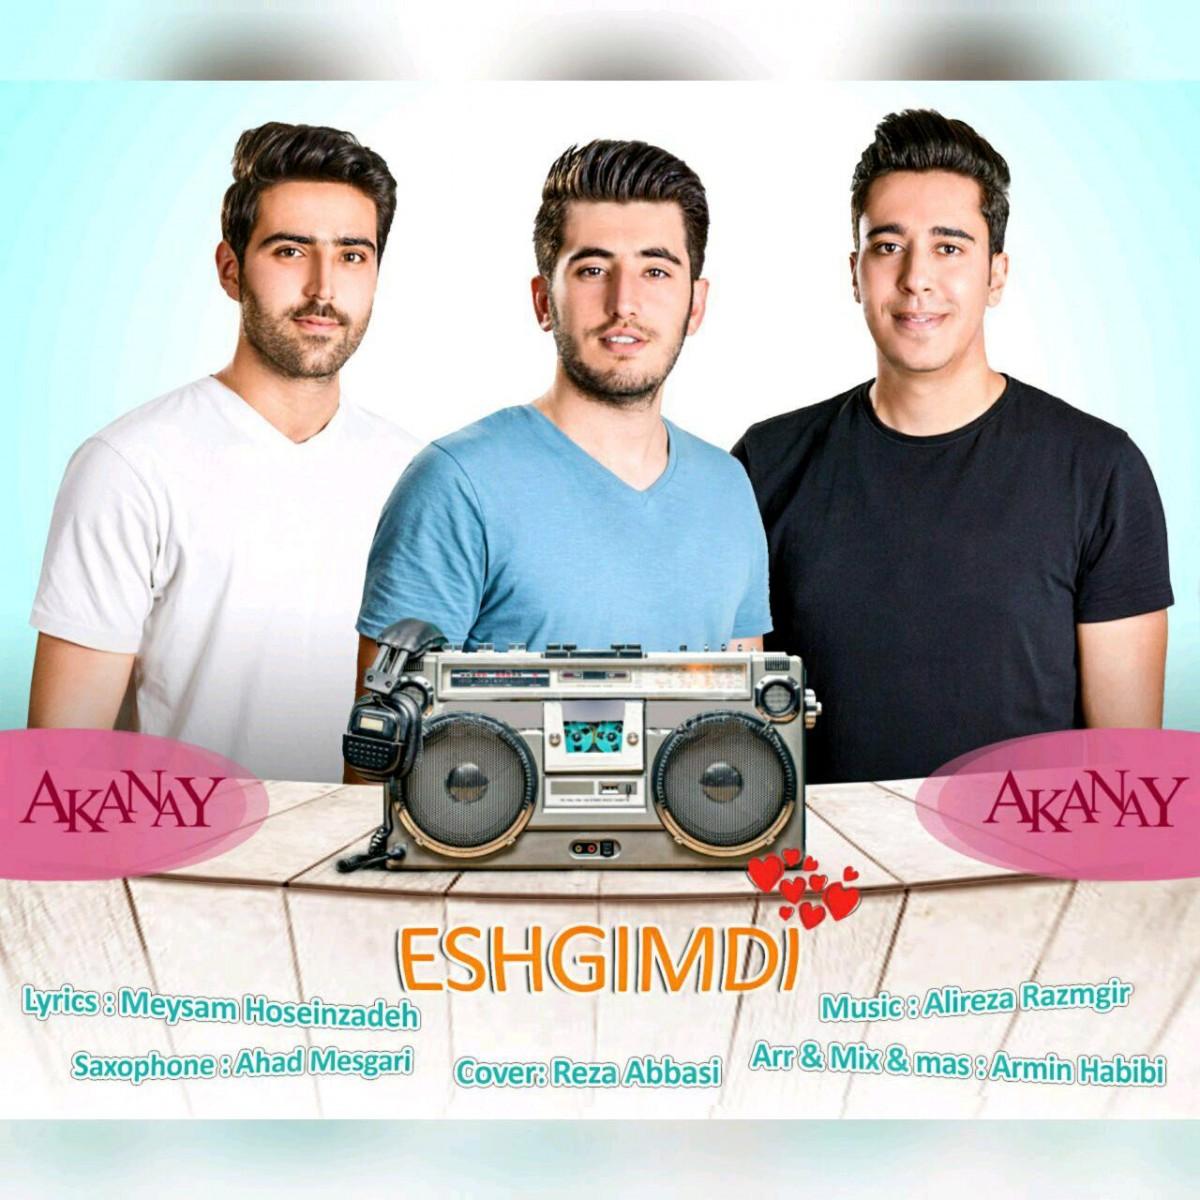 نامبر وان موزیک | دانلود آهنگ جدید Akanay-Eshgimdi